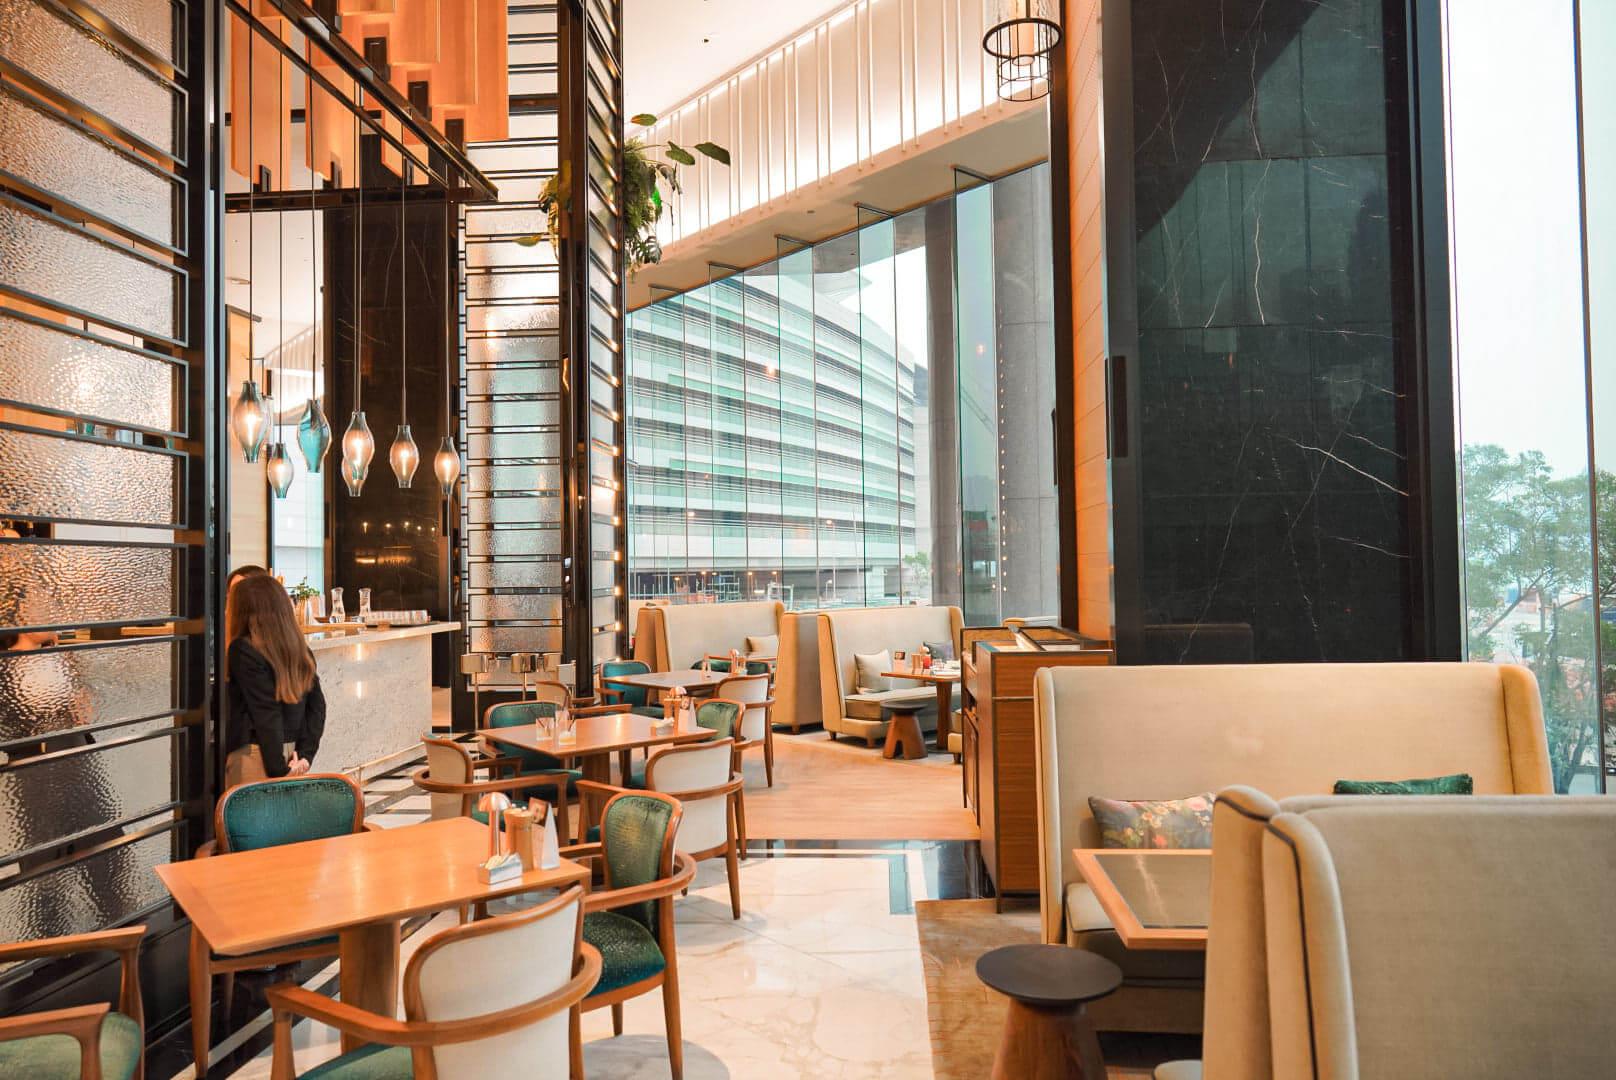 Mirage Bar & Restaurant坐擁多幅落地玻璃窗,加上以綠色植物作裝飾嘅25尺高中央吧台,環境舒適。